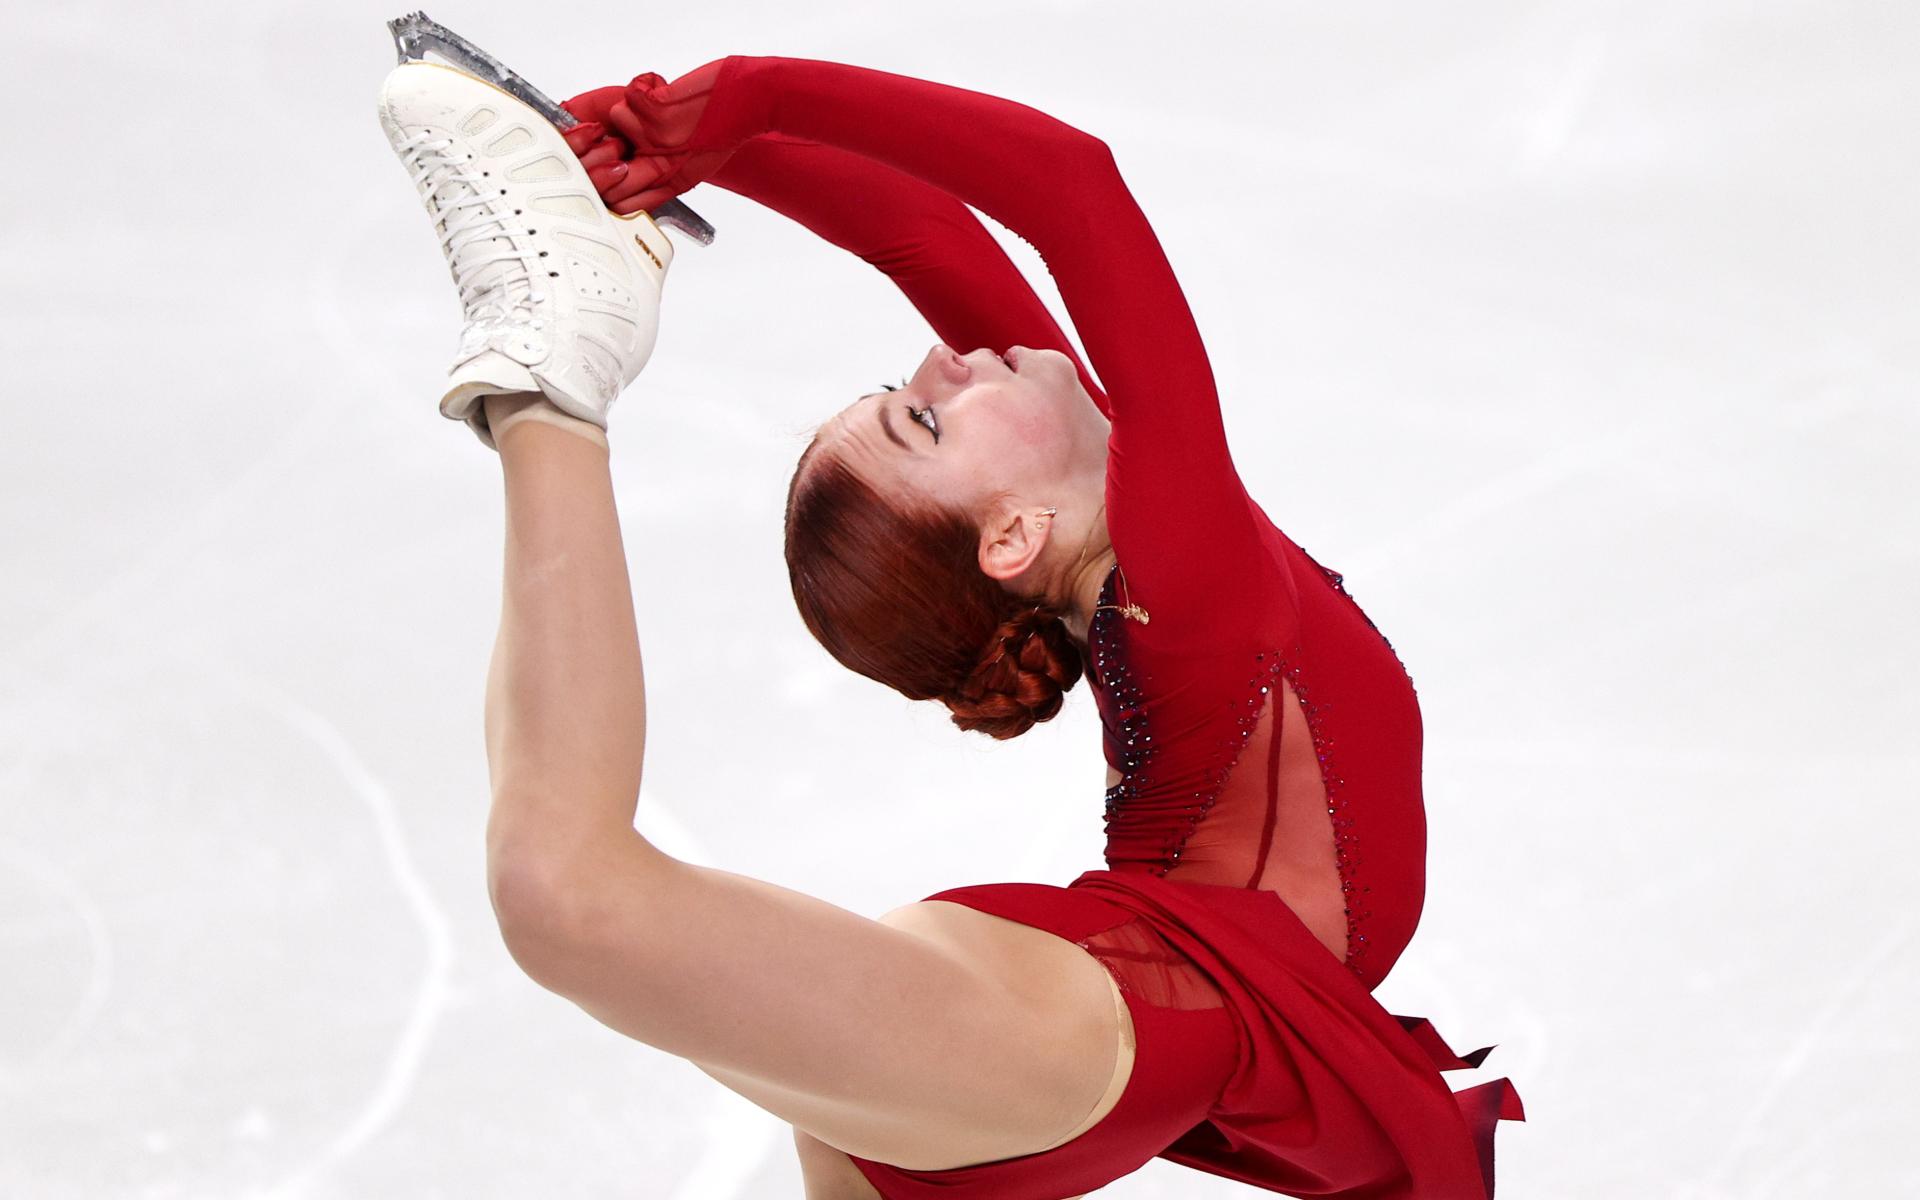 Александра Трусова во время короткой программы на контрольных прокатах сборной России